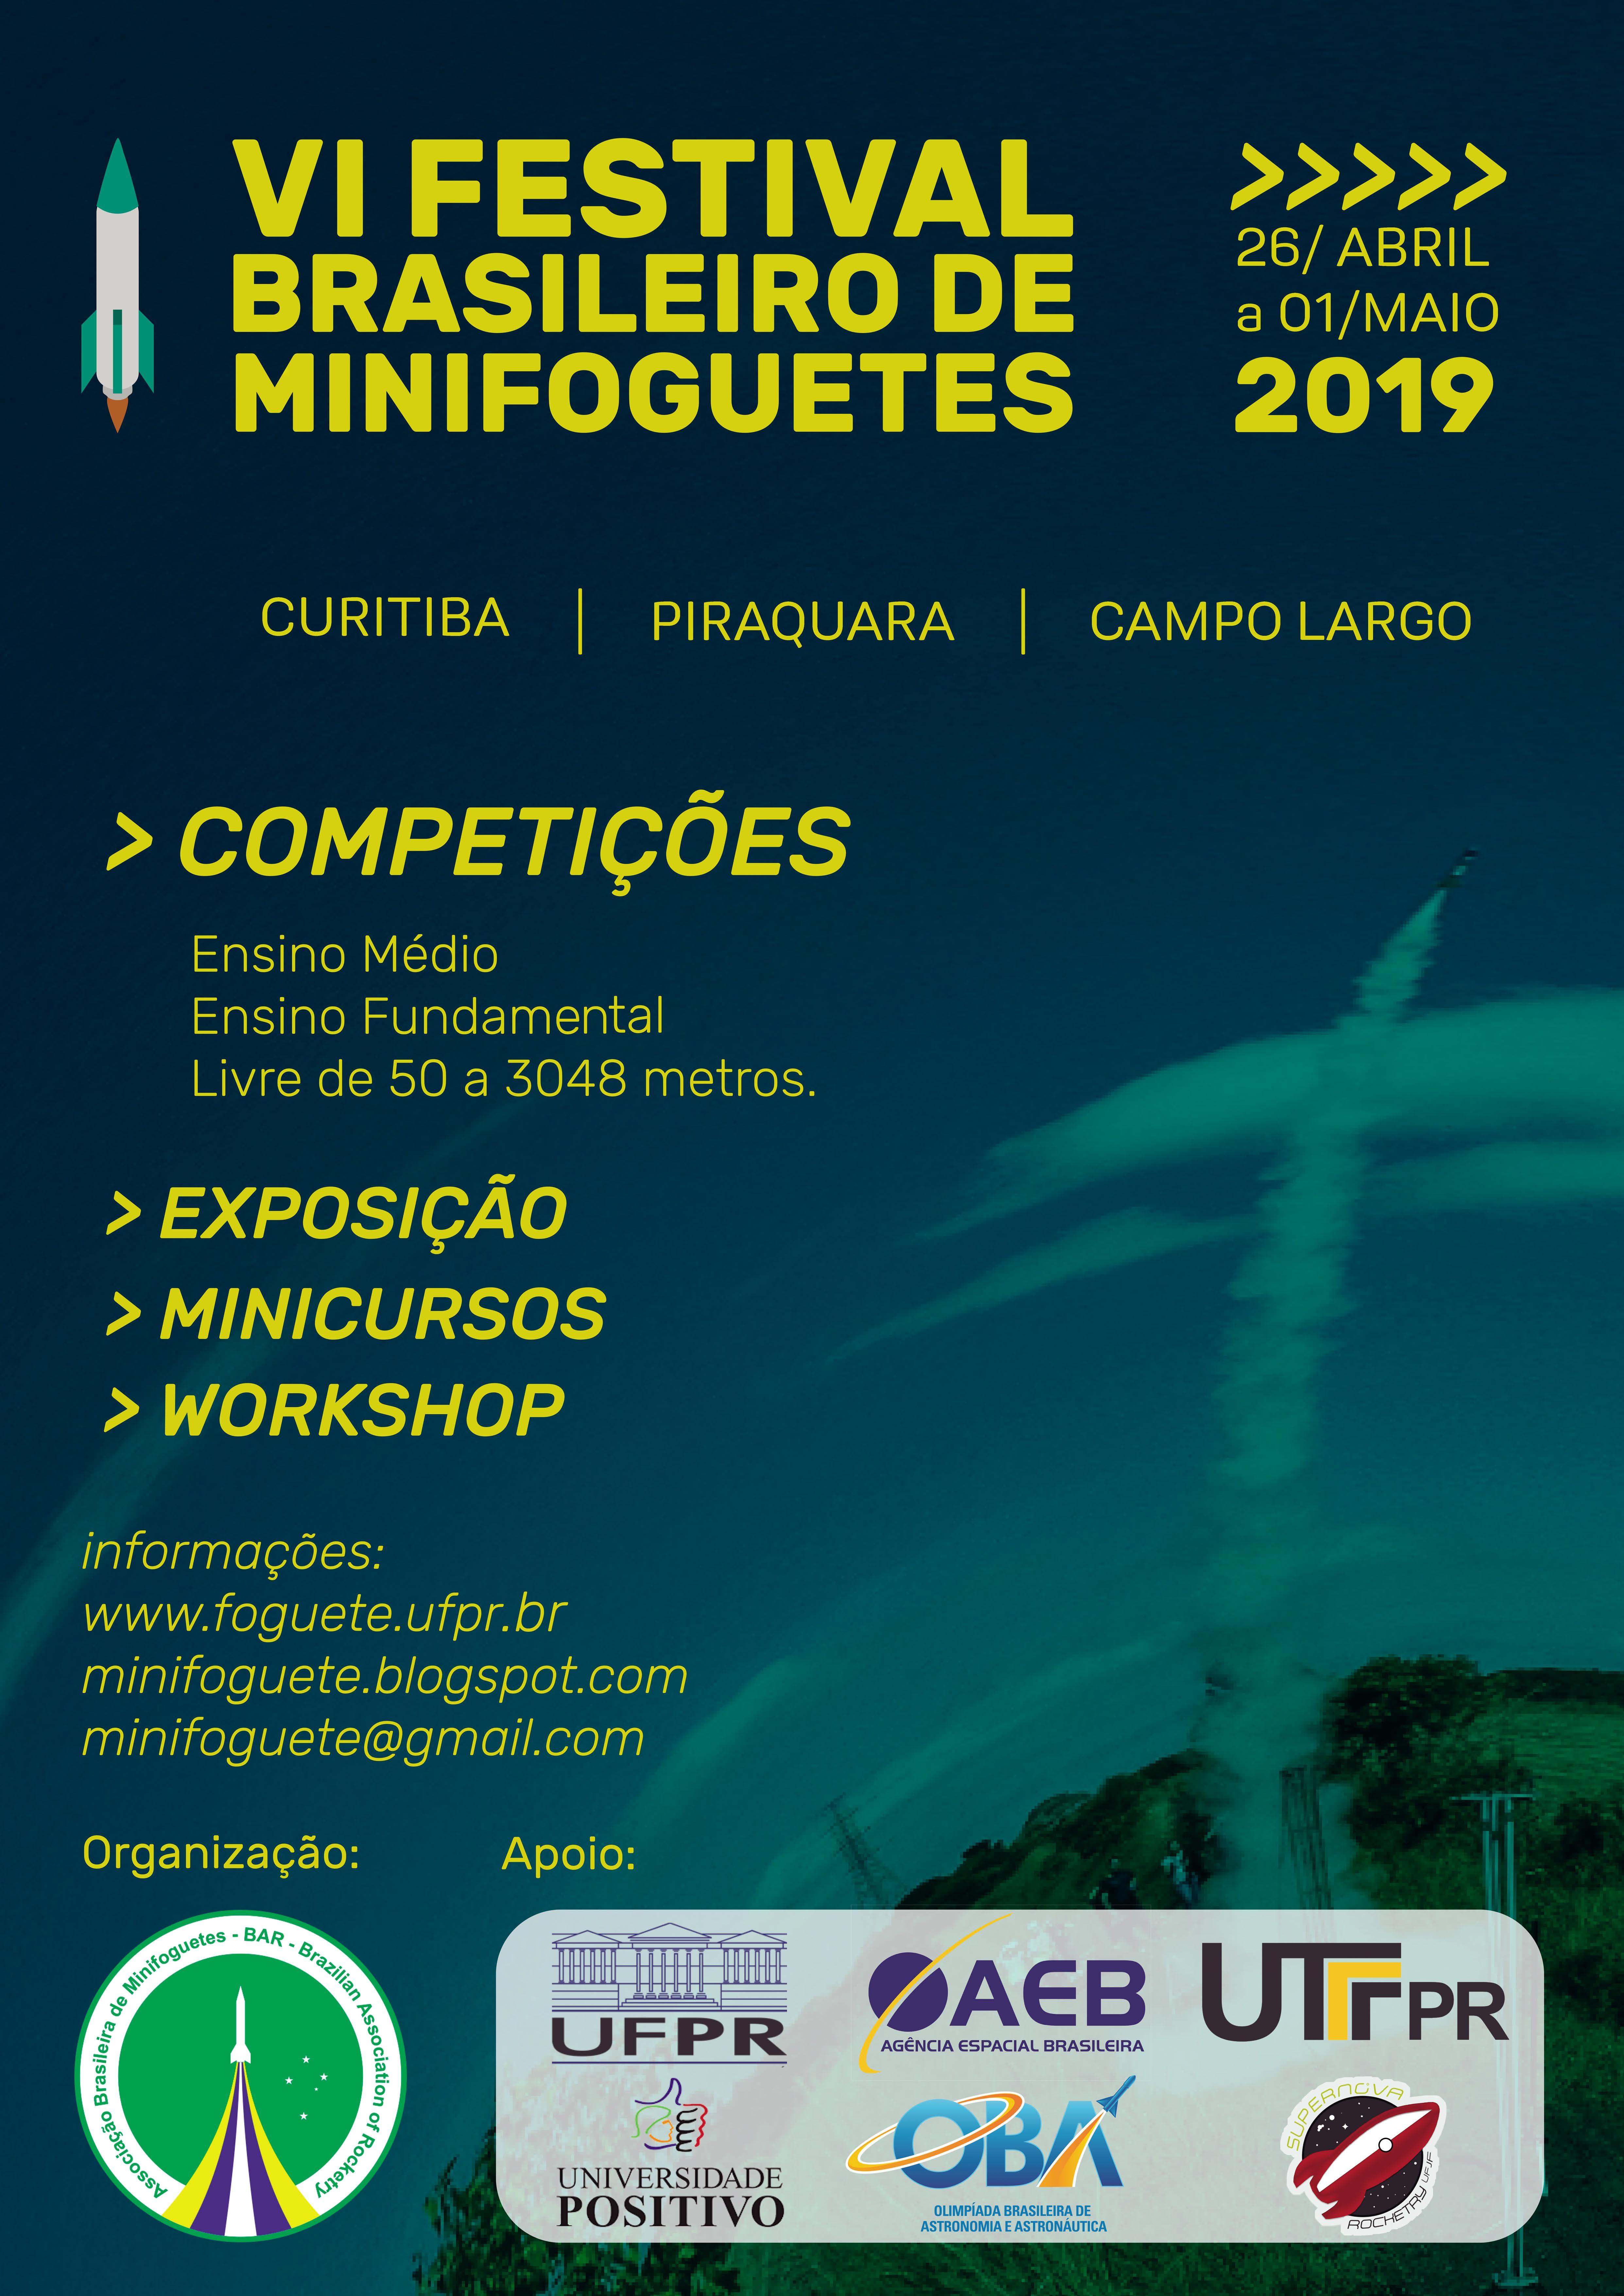 VI Festival de Brasileiros de Minifoguetes 2019